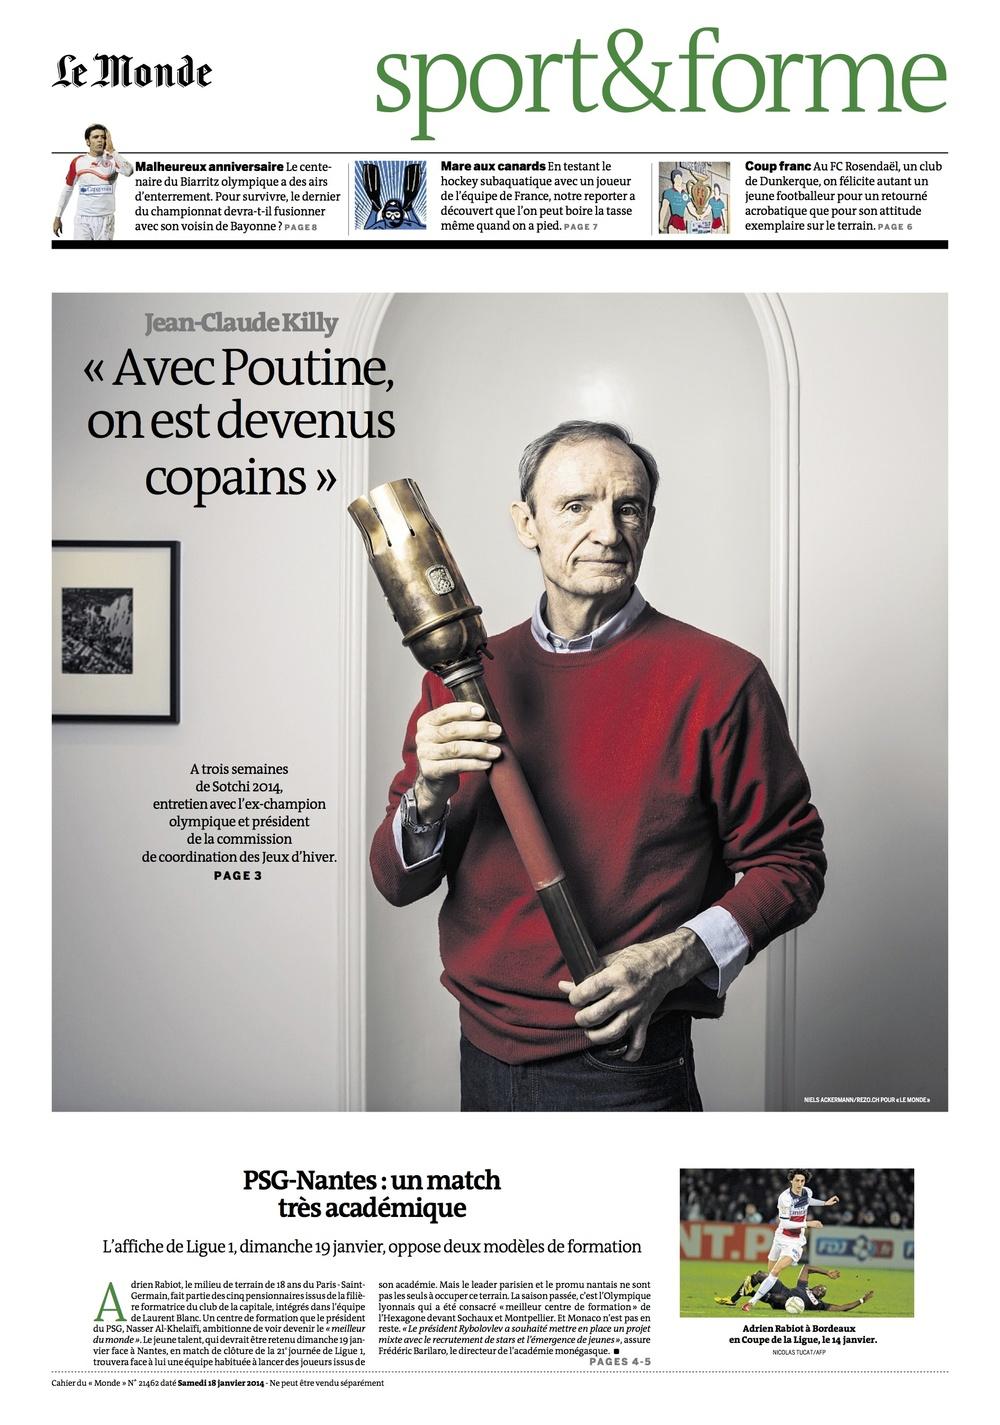 Le Monde 18 janvier 2014-1.jpg